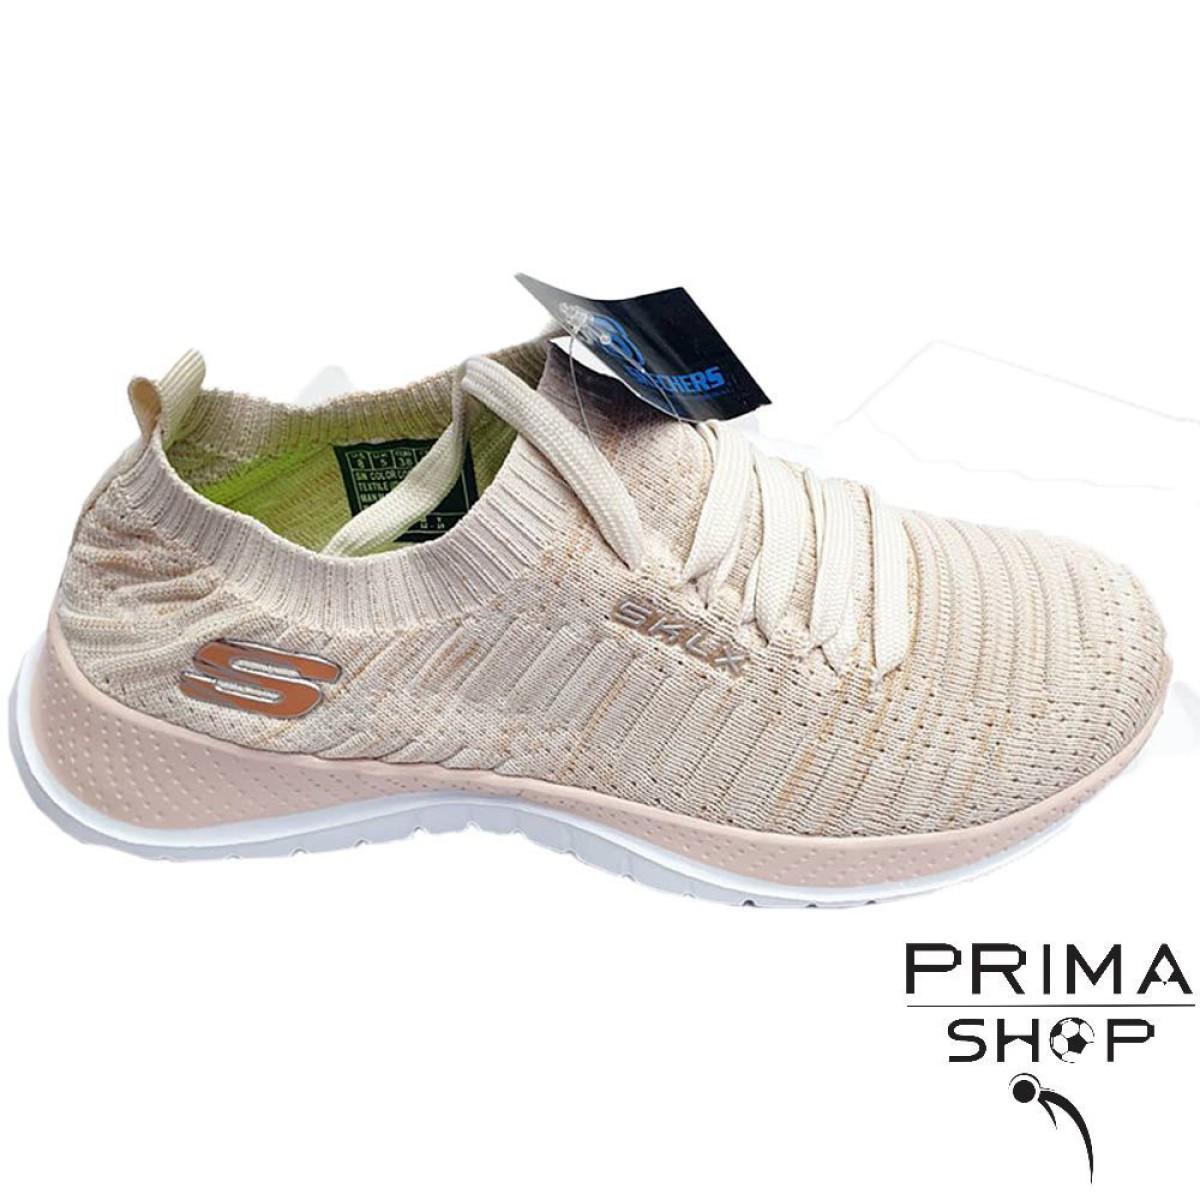 کفش اسپرت اسکیچرز زنانه کد 16 (های کپی)